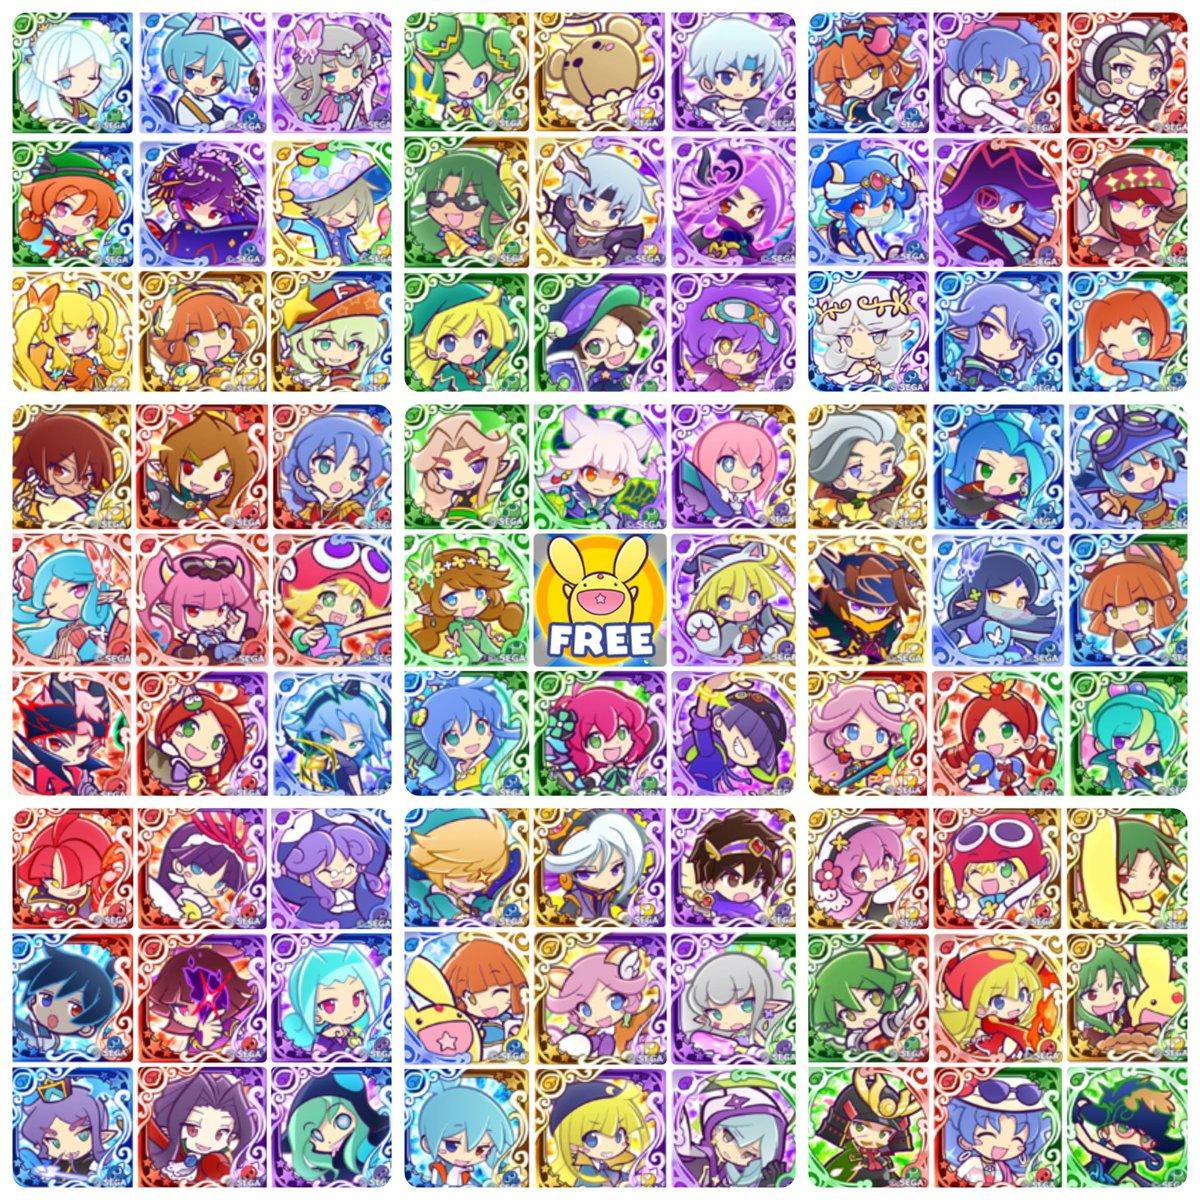 ぷよ クエ フェス キャラ 【ぷよクエ】真っ先に☆7にすべきフェスキャラを属性別で紹介